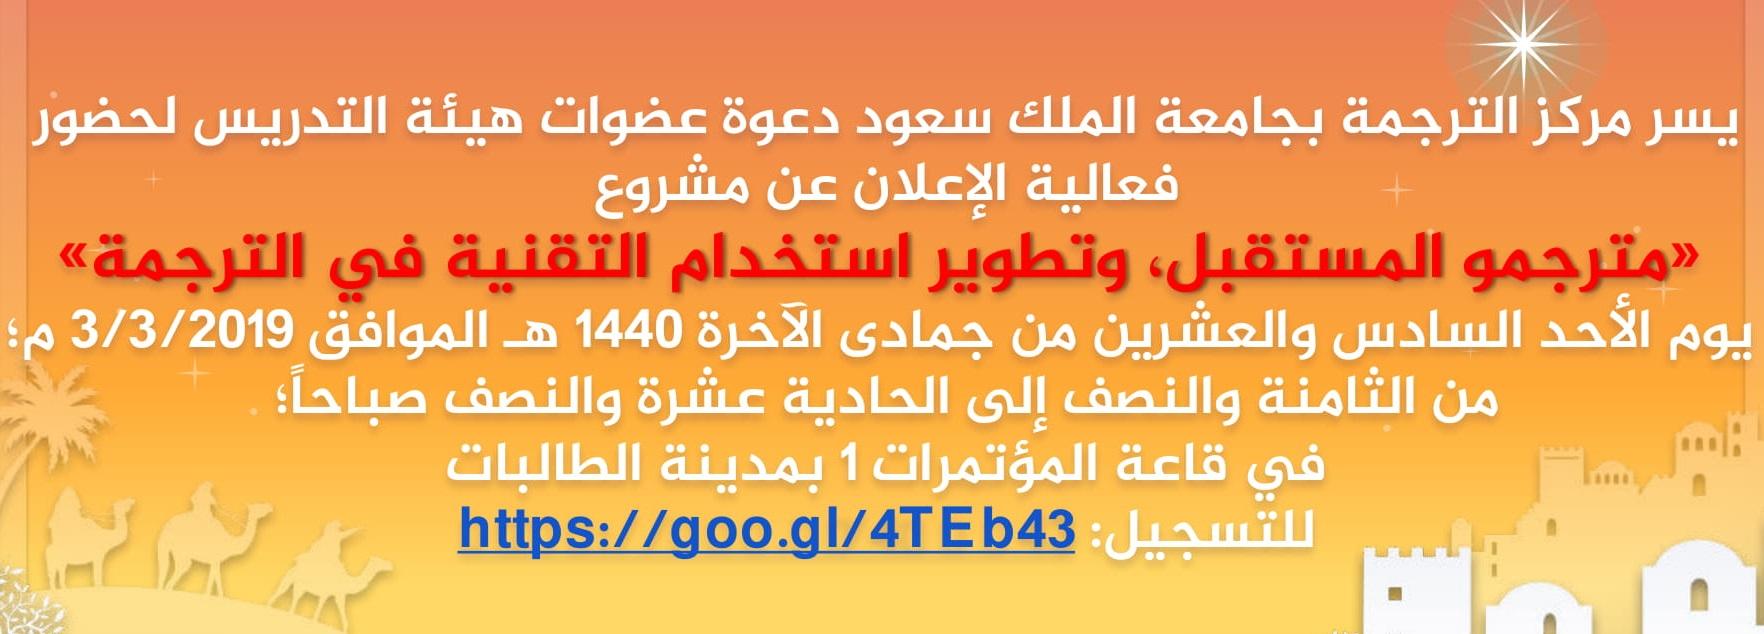 البث النسائي - يسر مركز الترجمة بجامعة...